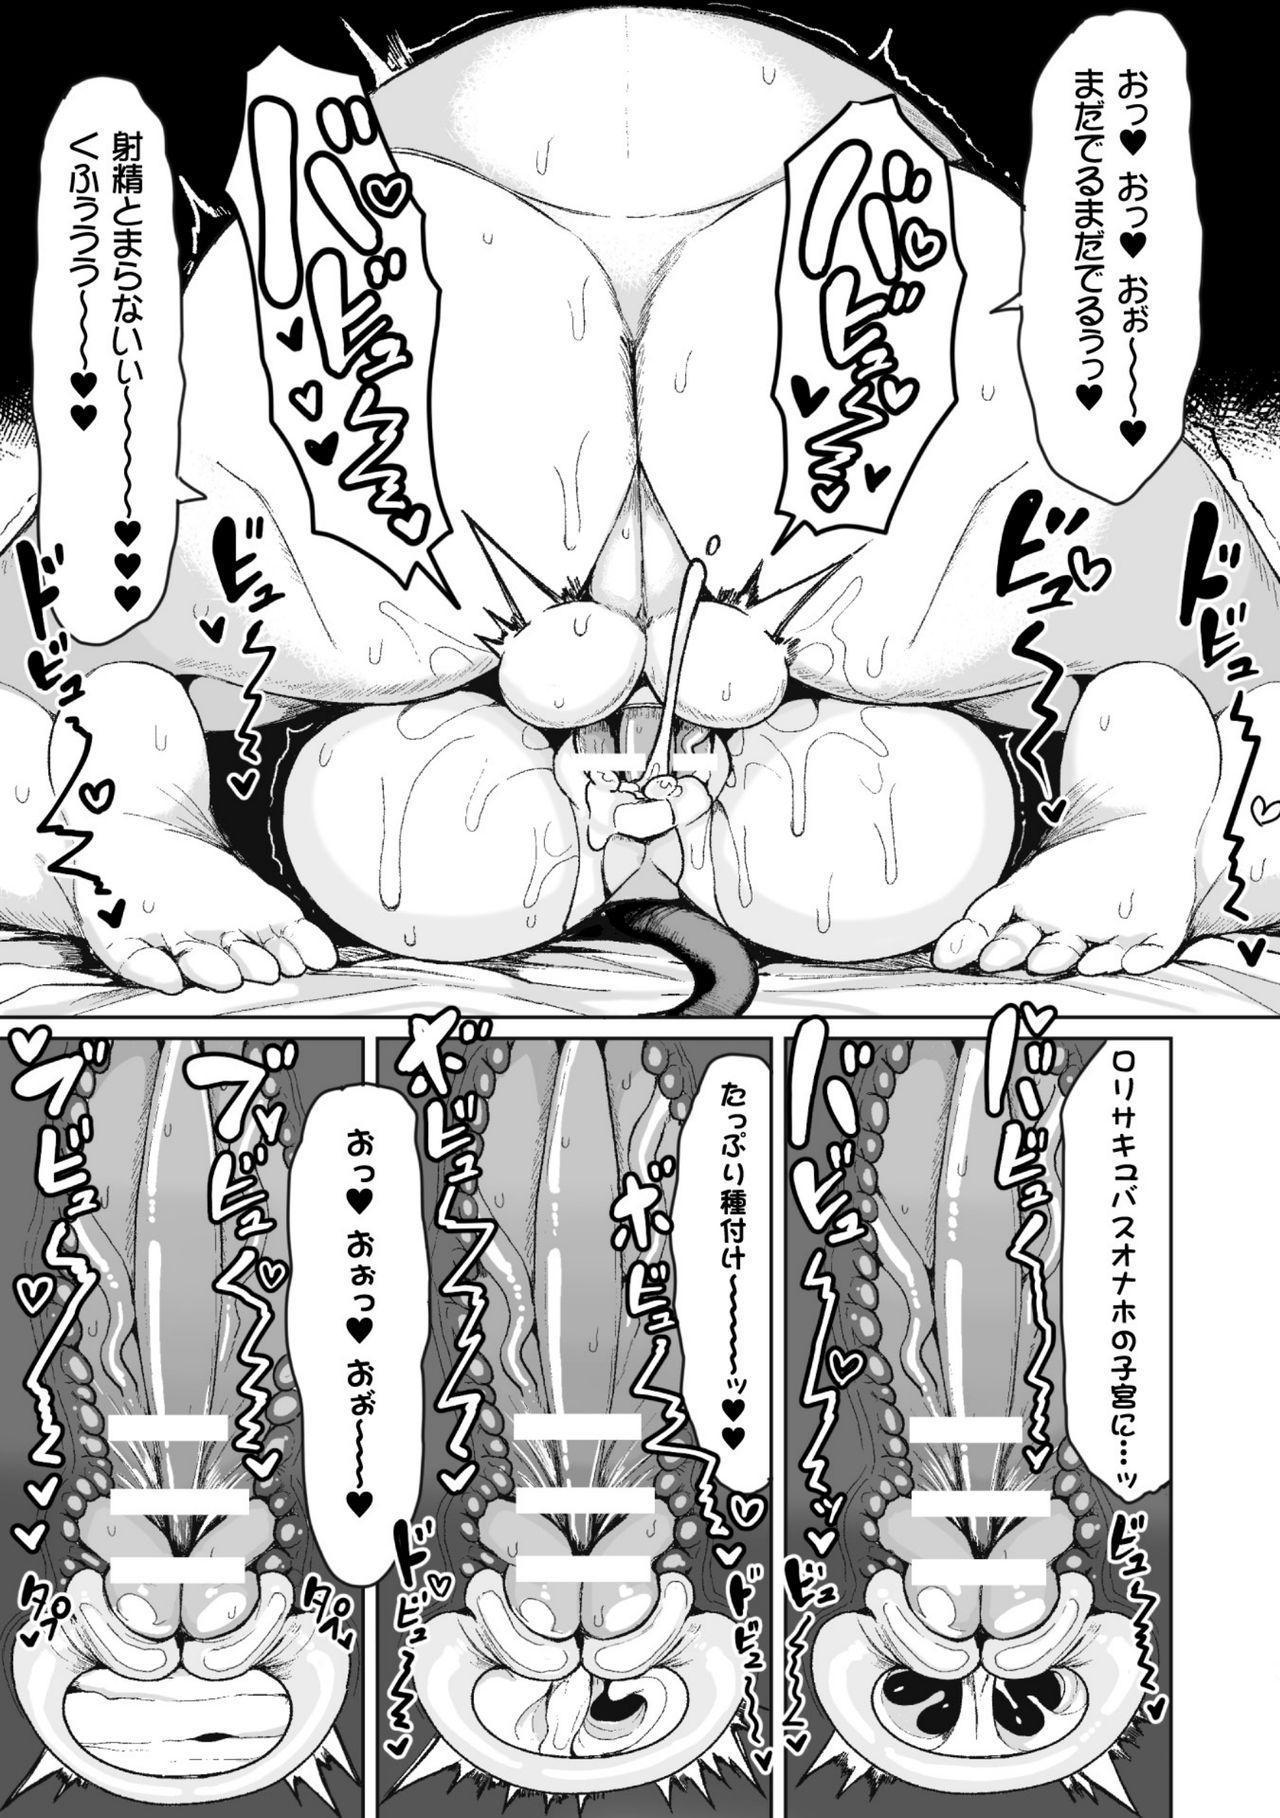 Koubi wa Mechakucha Kimochi Ii - Mating feels really good 152